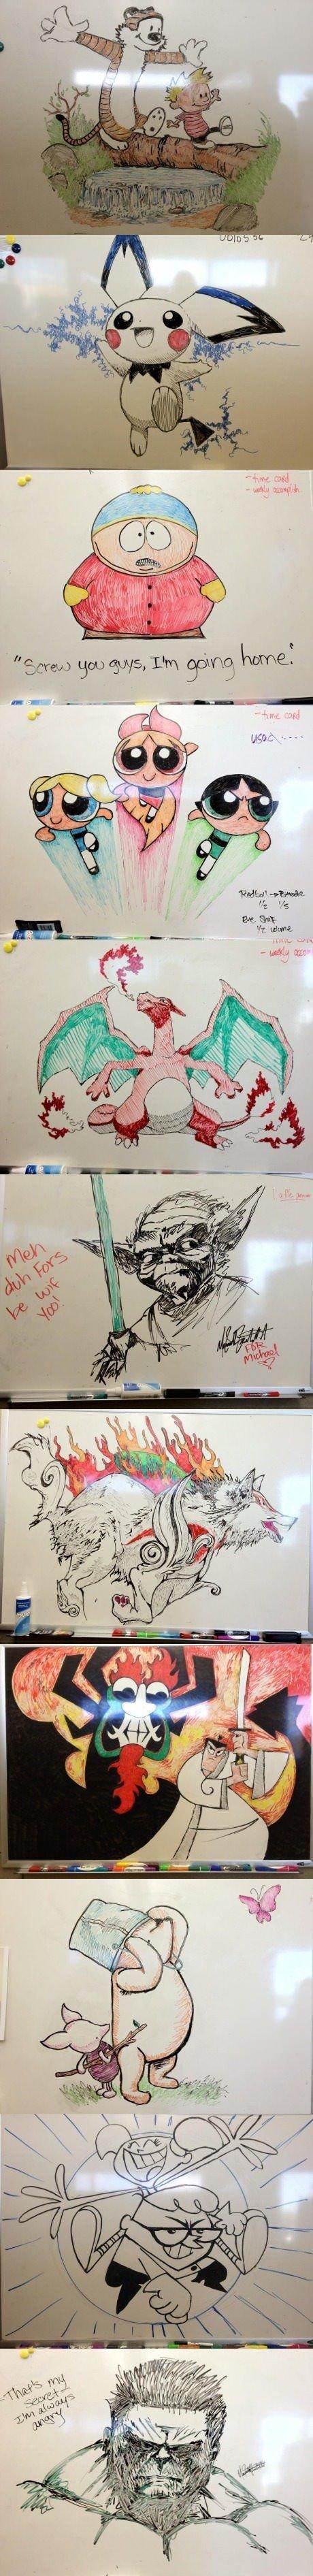 Whiteboard Drawings. . Whiteboard Drawings